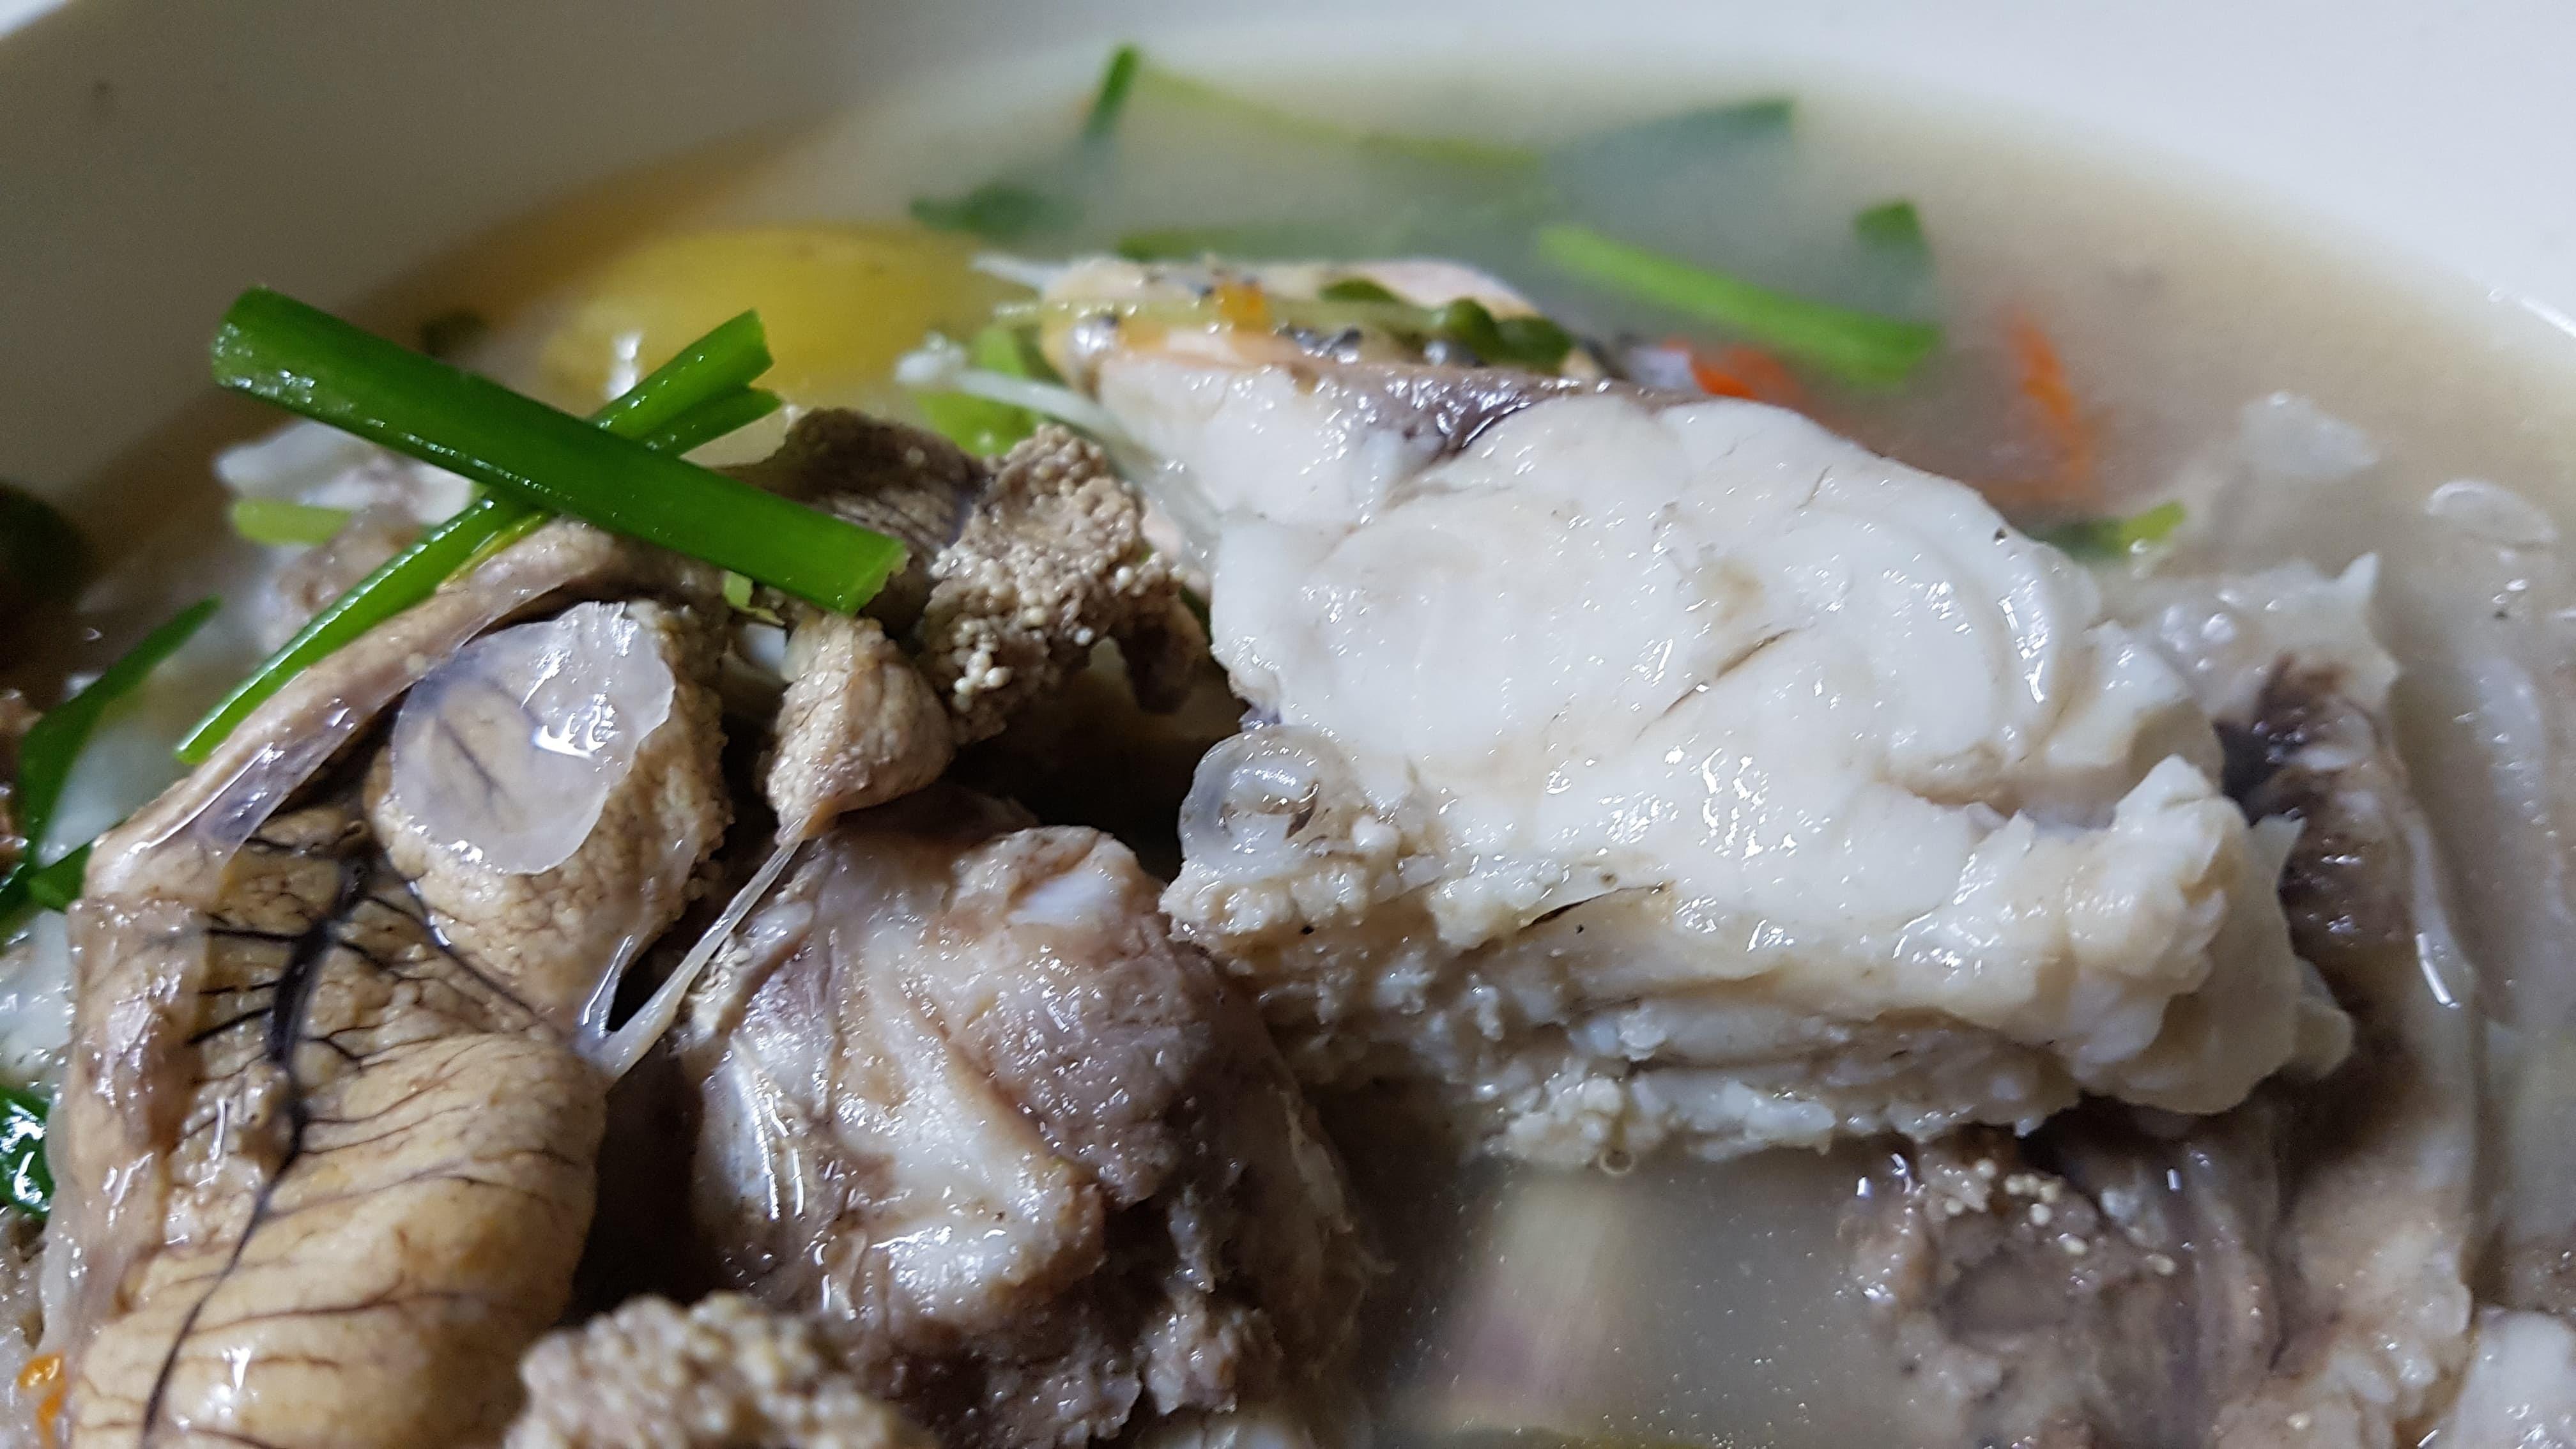 ต้มส้มปลากระสูบ ใส่ตะลิงปิง ผักแขยง + ลาบปลากระสูบ